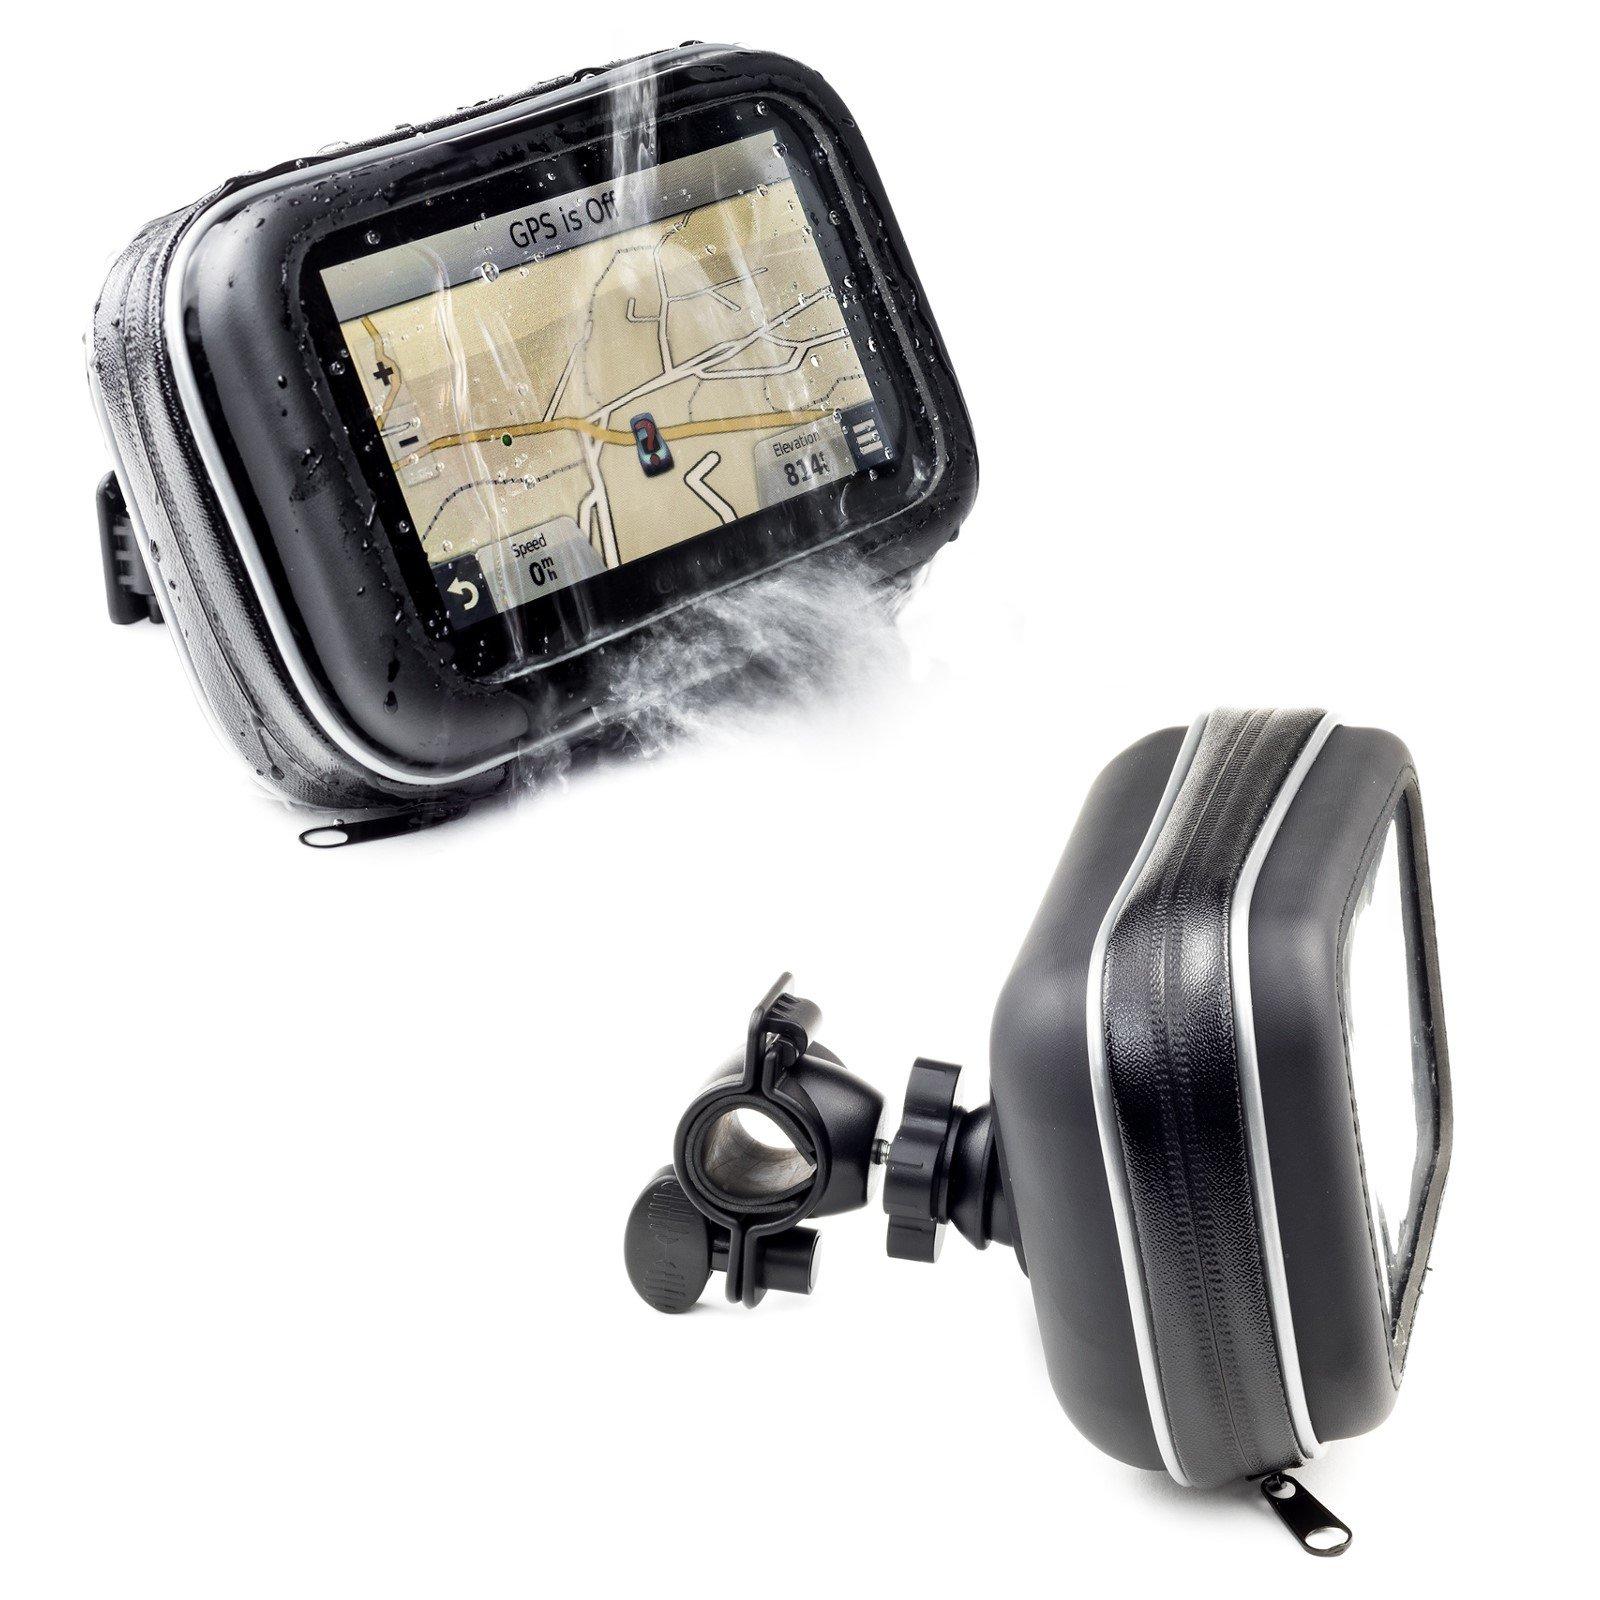 Digicharge Support Guidon de Moto avec Housse Résistant à l'eau pour 5''  Navman and Mio GPS Sat Nav S F Moov and Spirit Series - Cardiofrequencemetre